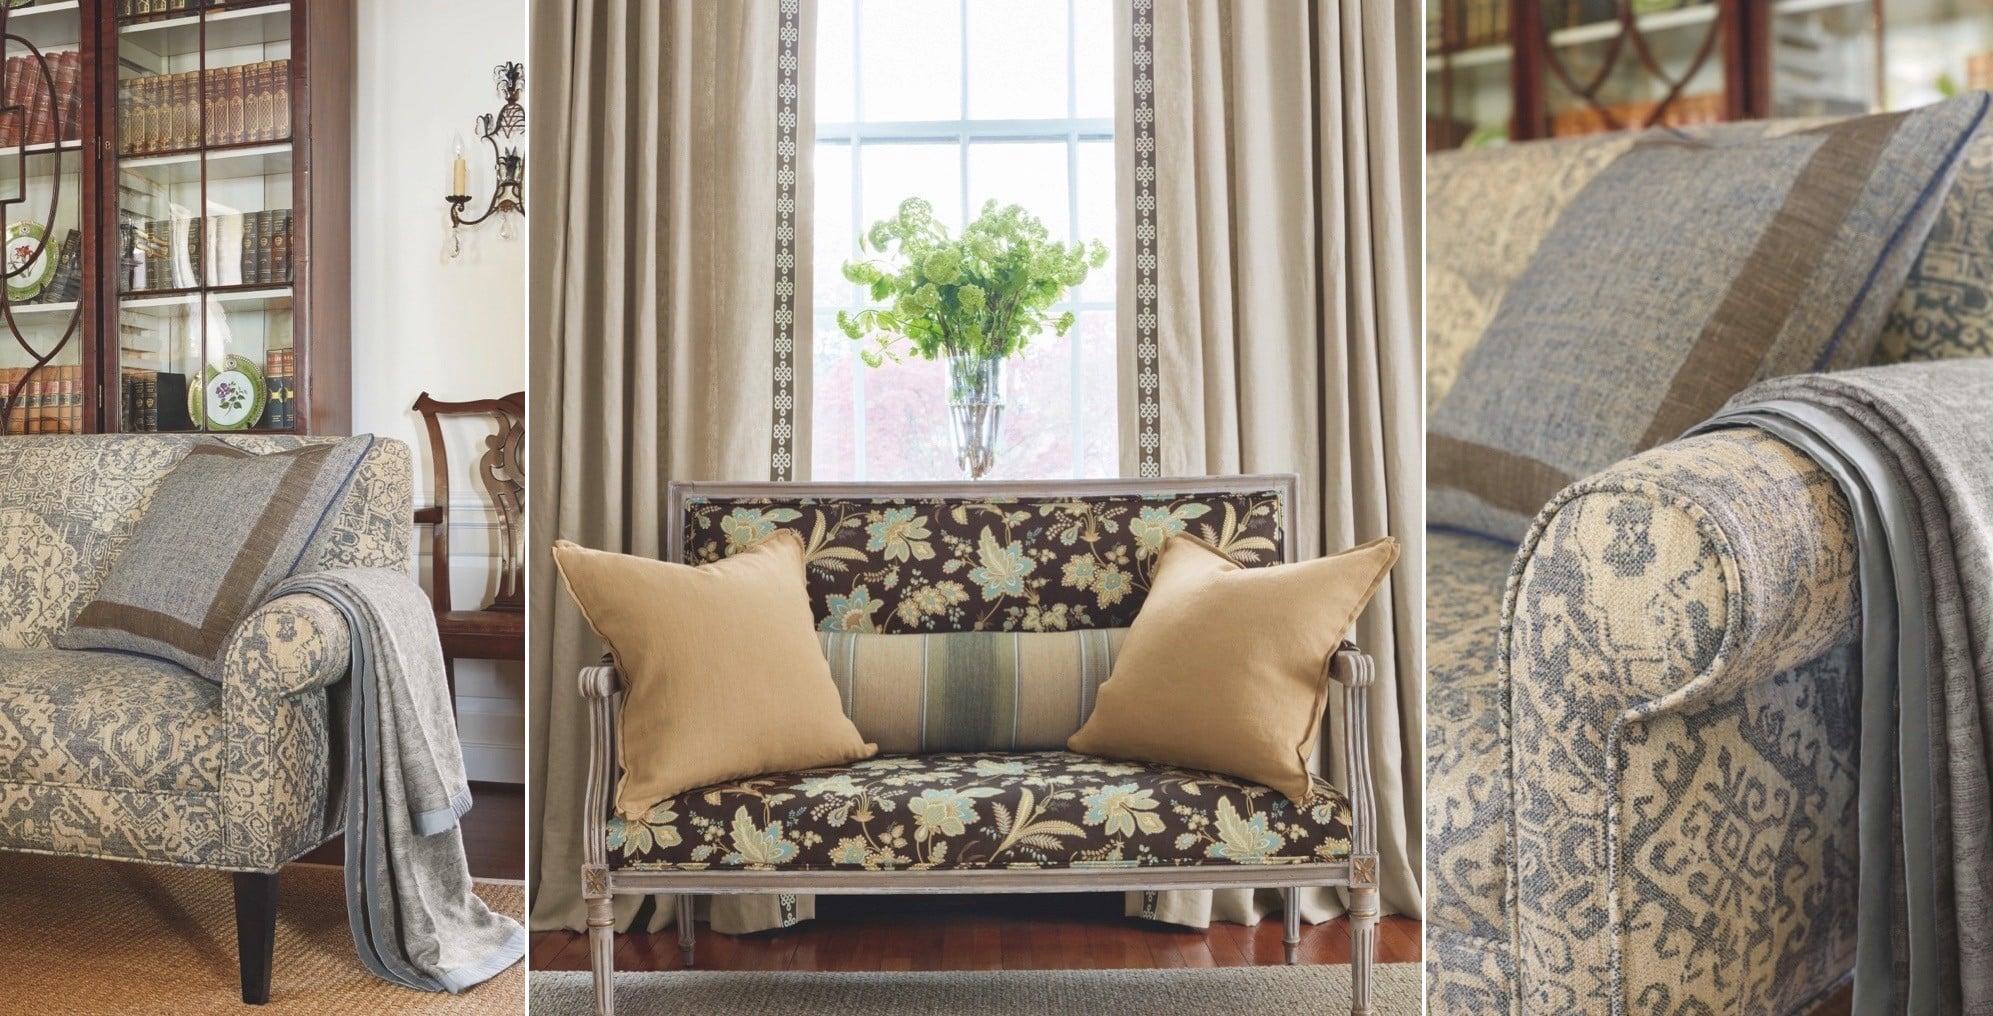 canapé recouvert de tissu pour renovation